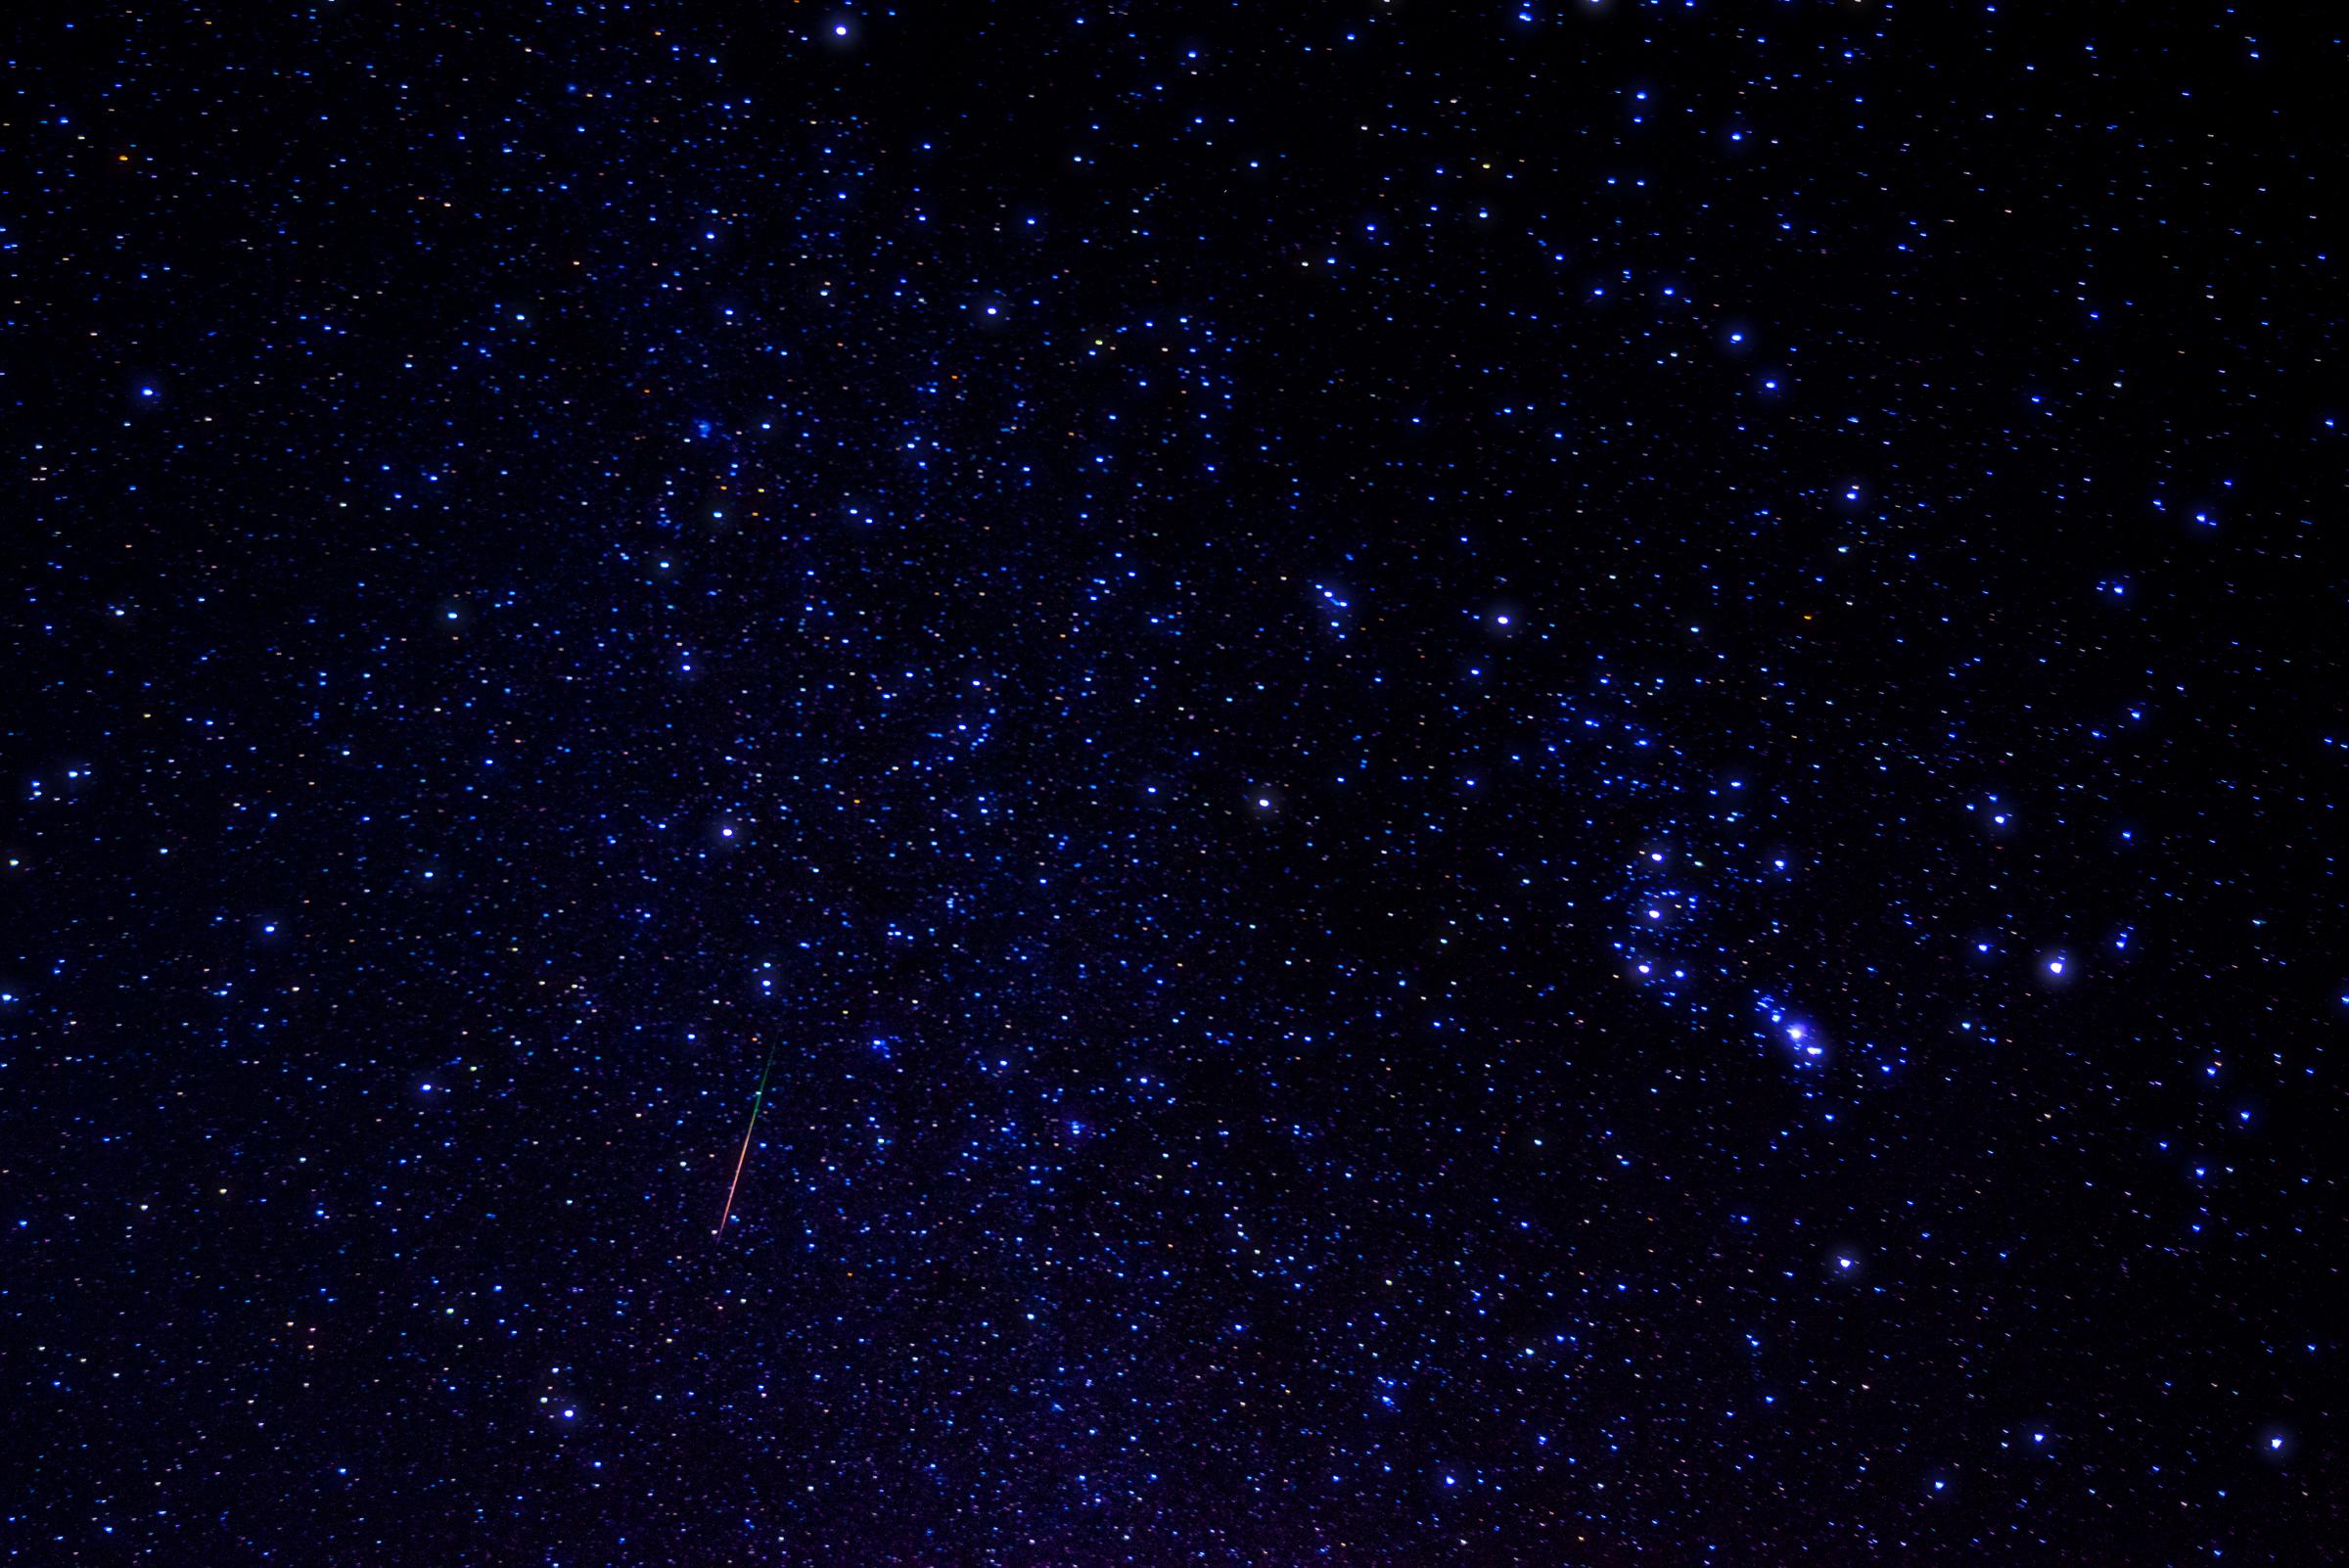 今夜はオリオン座流星群が見ごろ! ただし今年の観測難易度は高めなもよう / 確実に観測するためのいくつかの方法